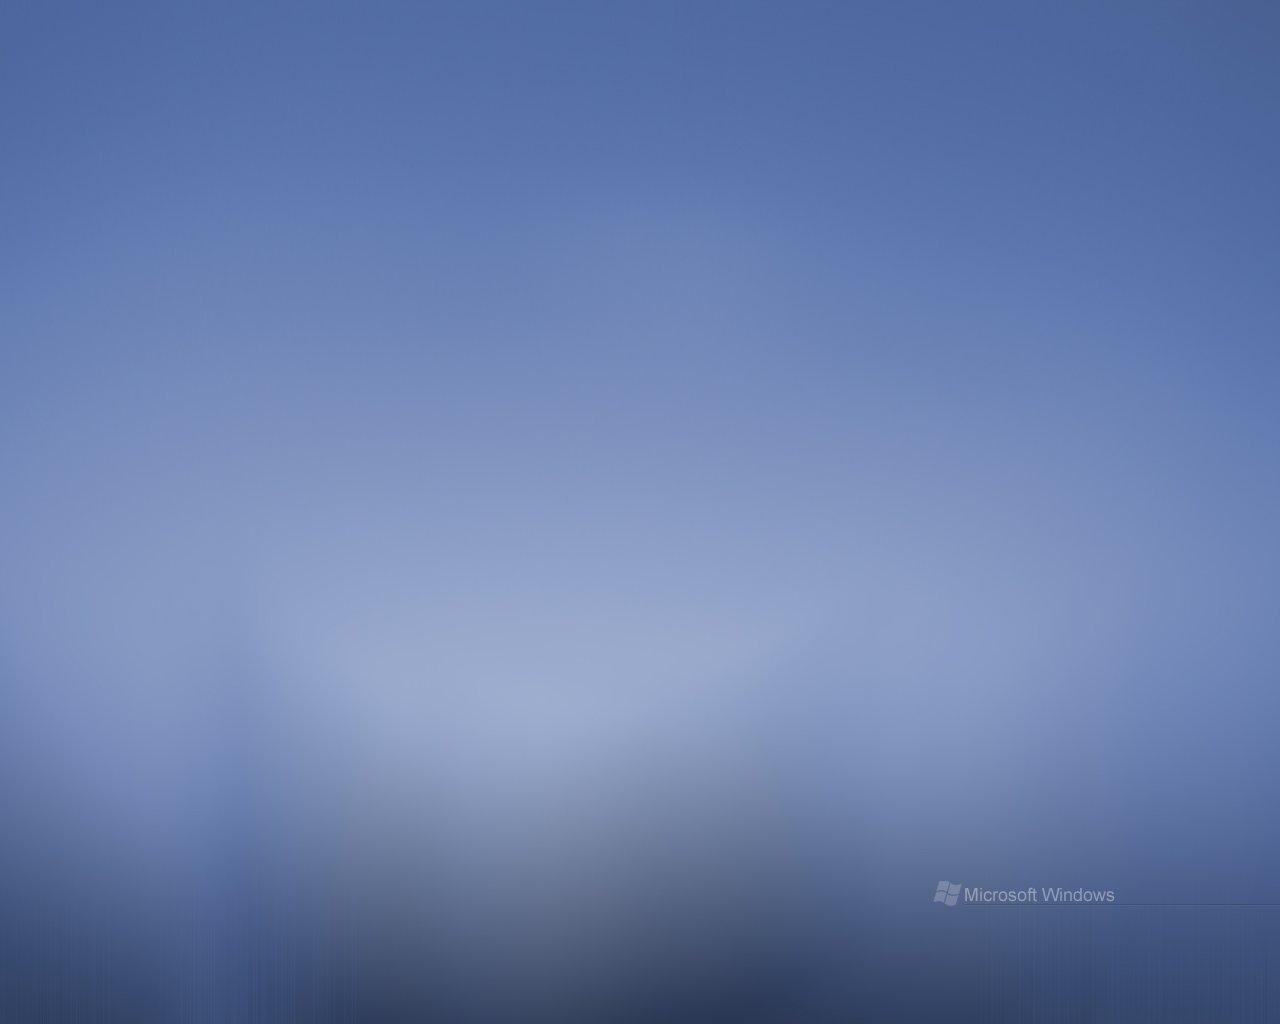 Microsoft Blue Wallpaper WallpaperSafari